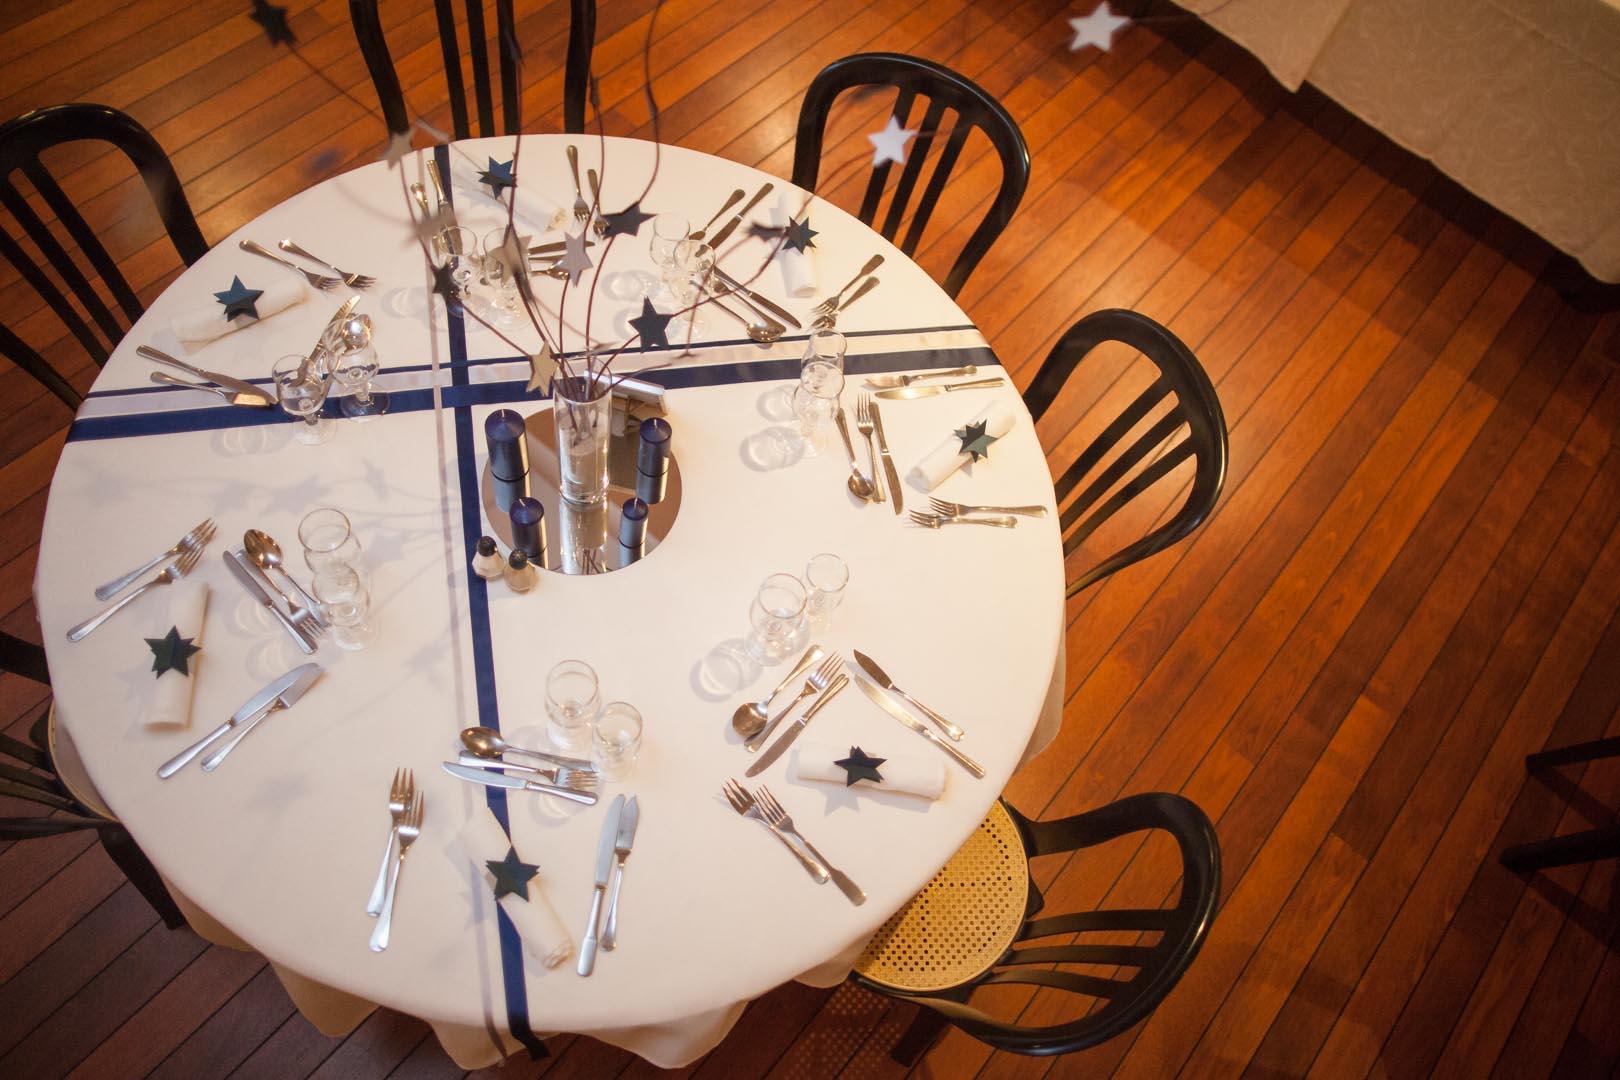 Notre décoration de salle en bleu, agent et blanc // Photo : Sébastien Leloup, 76 images par seconde